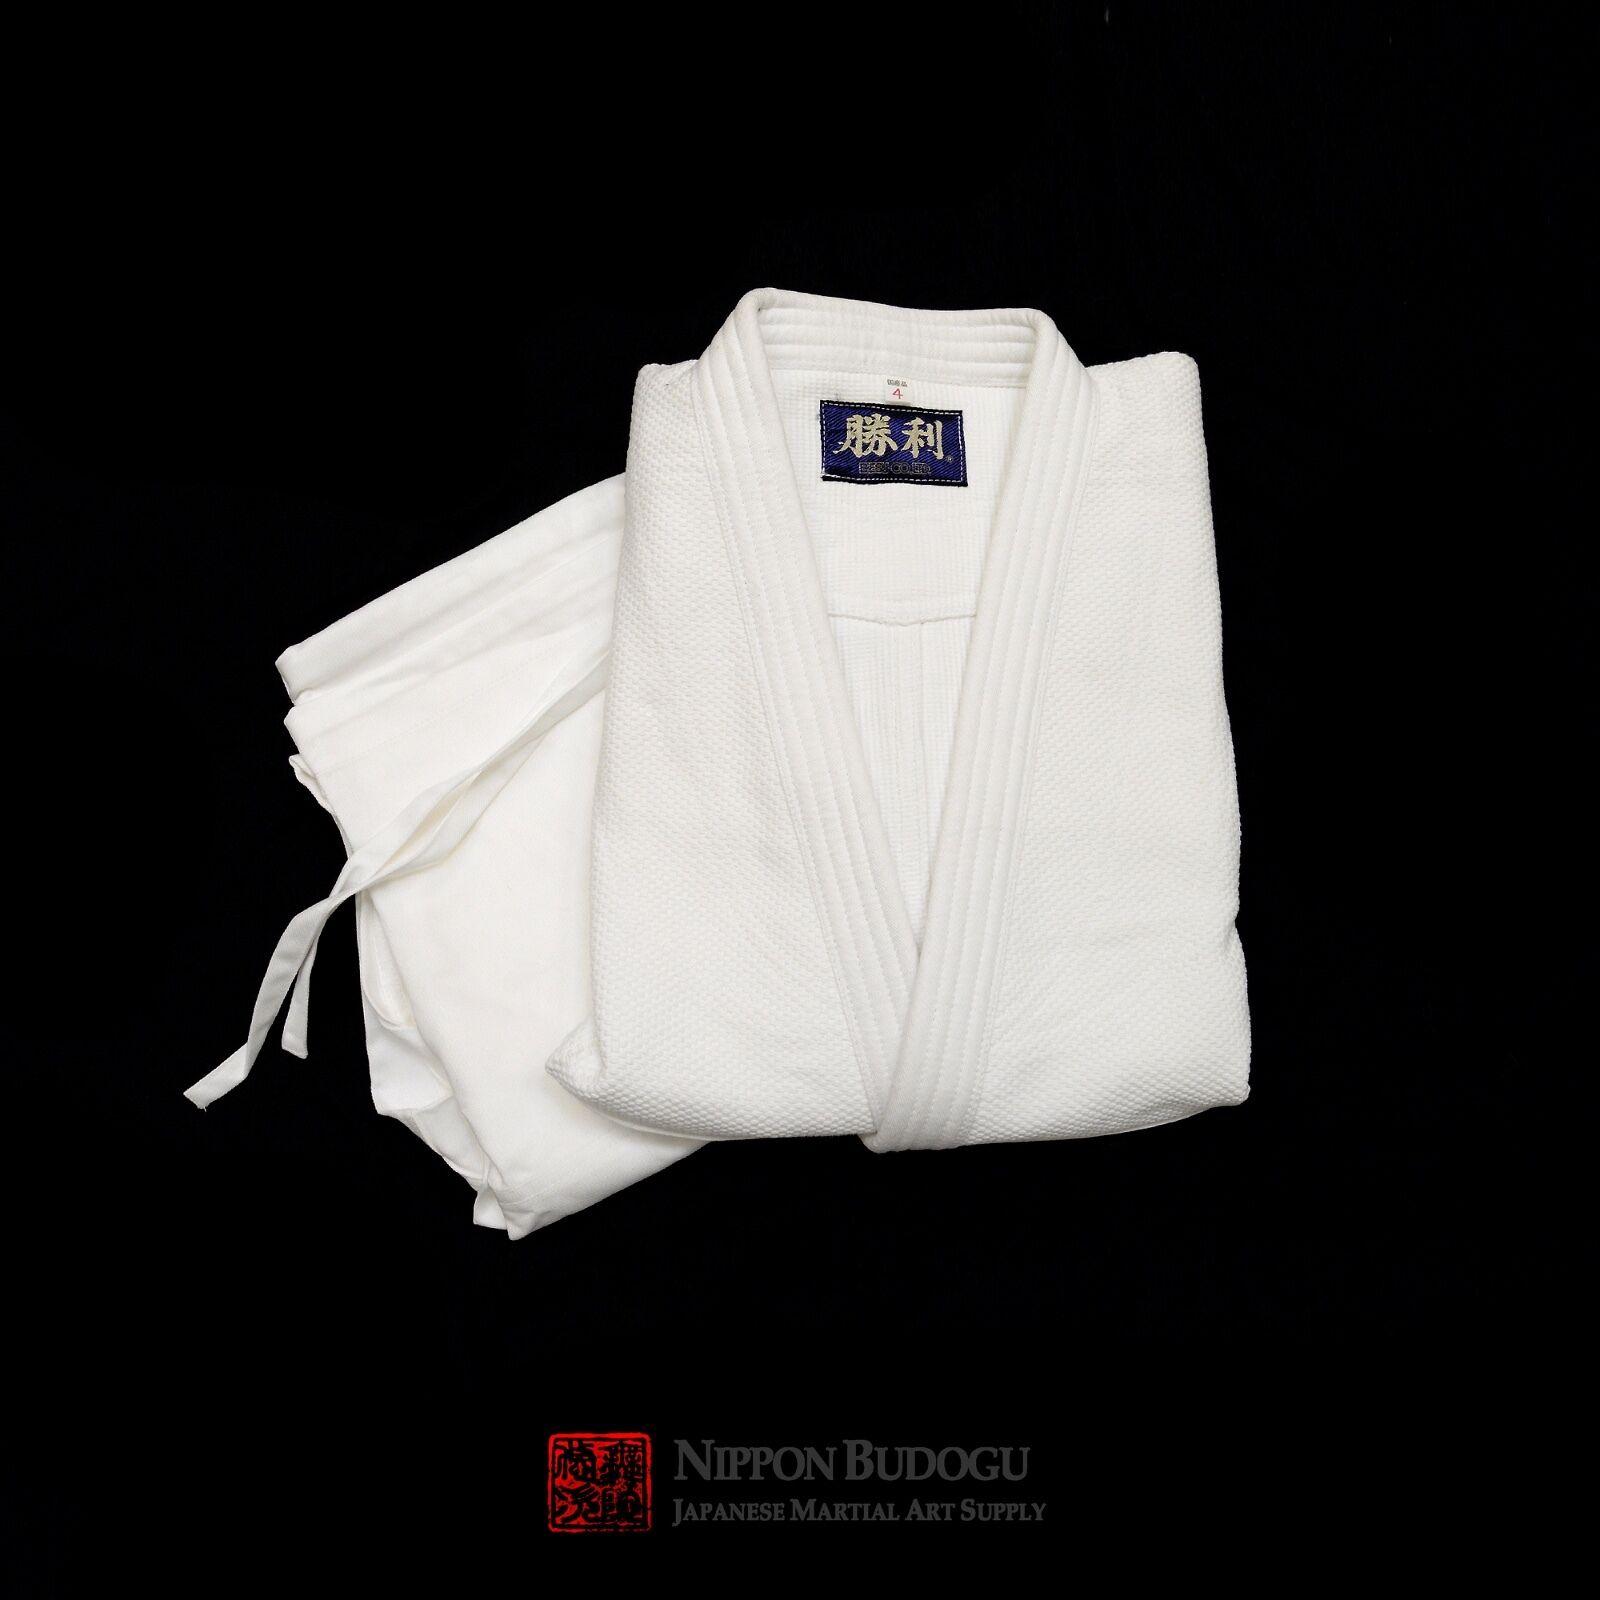 New Japans Made Double Weved Shori Brand Uniform Judo Aikido Gi